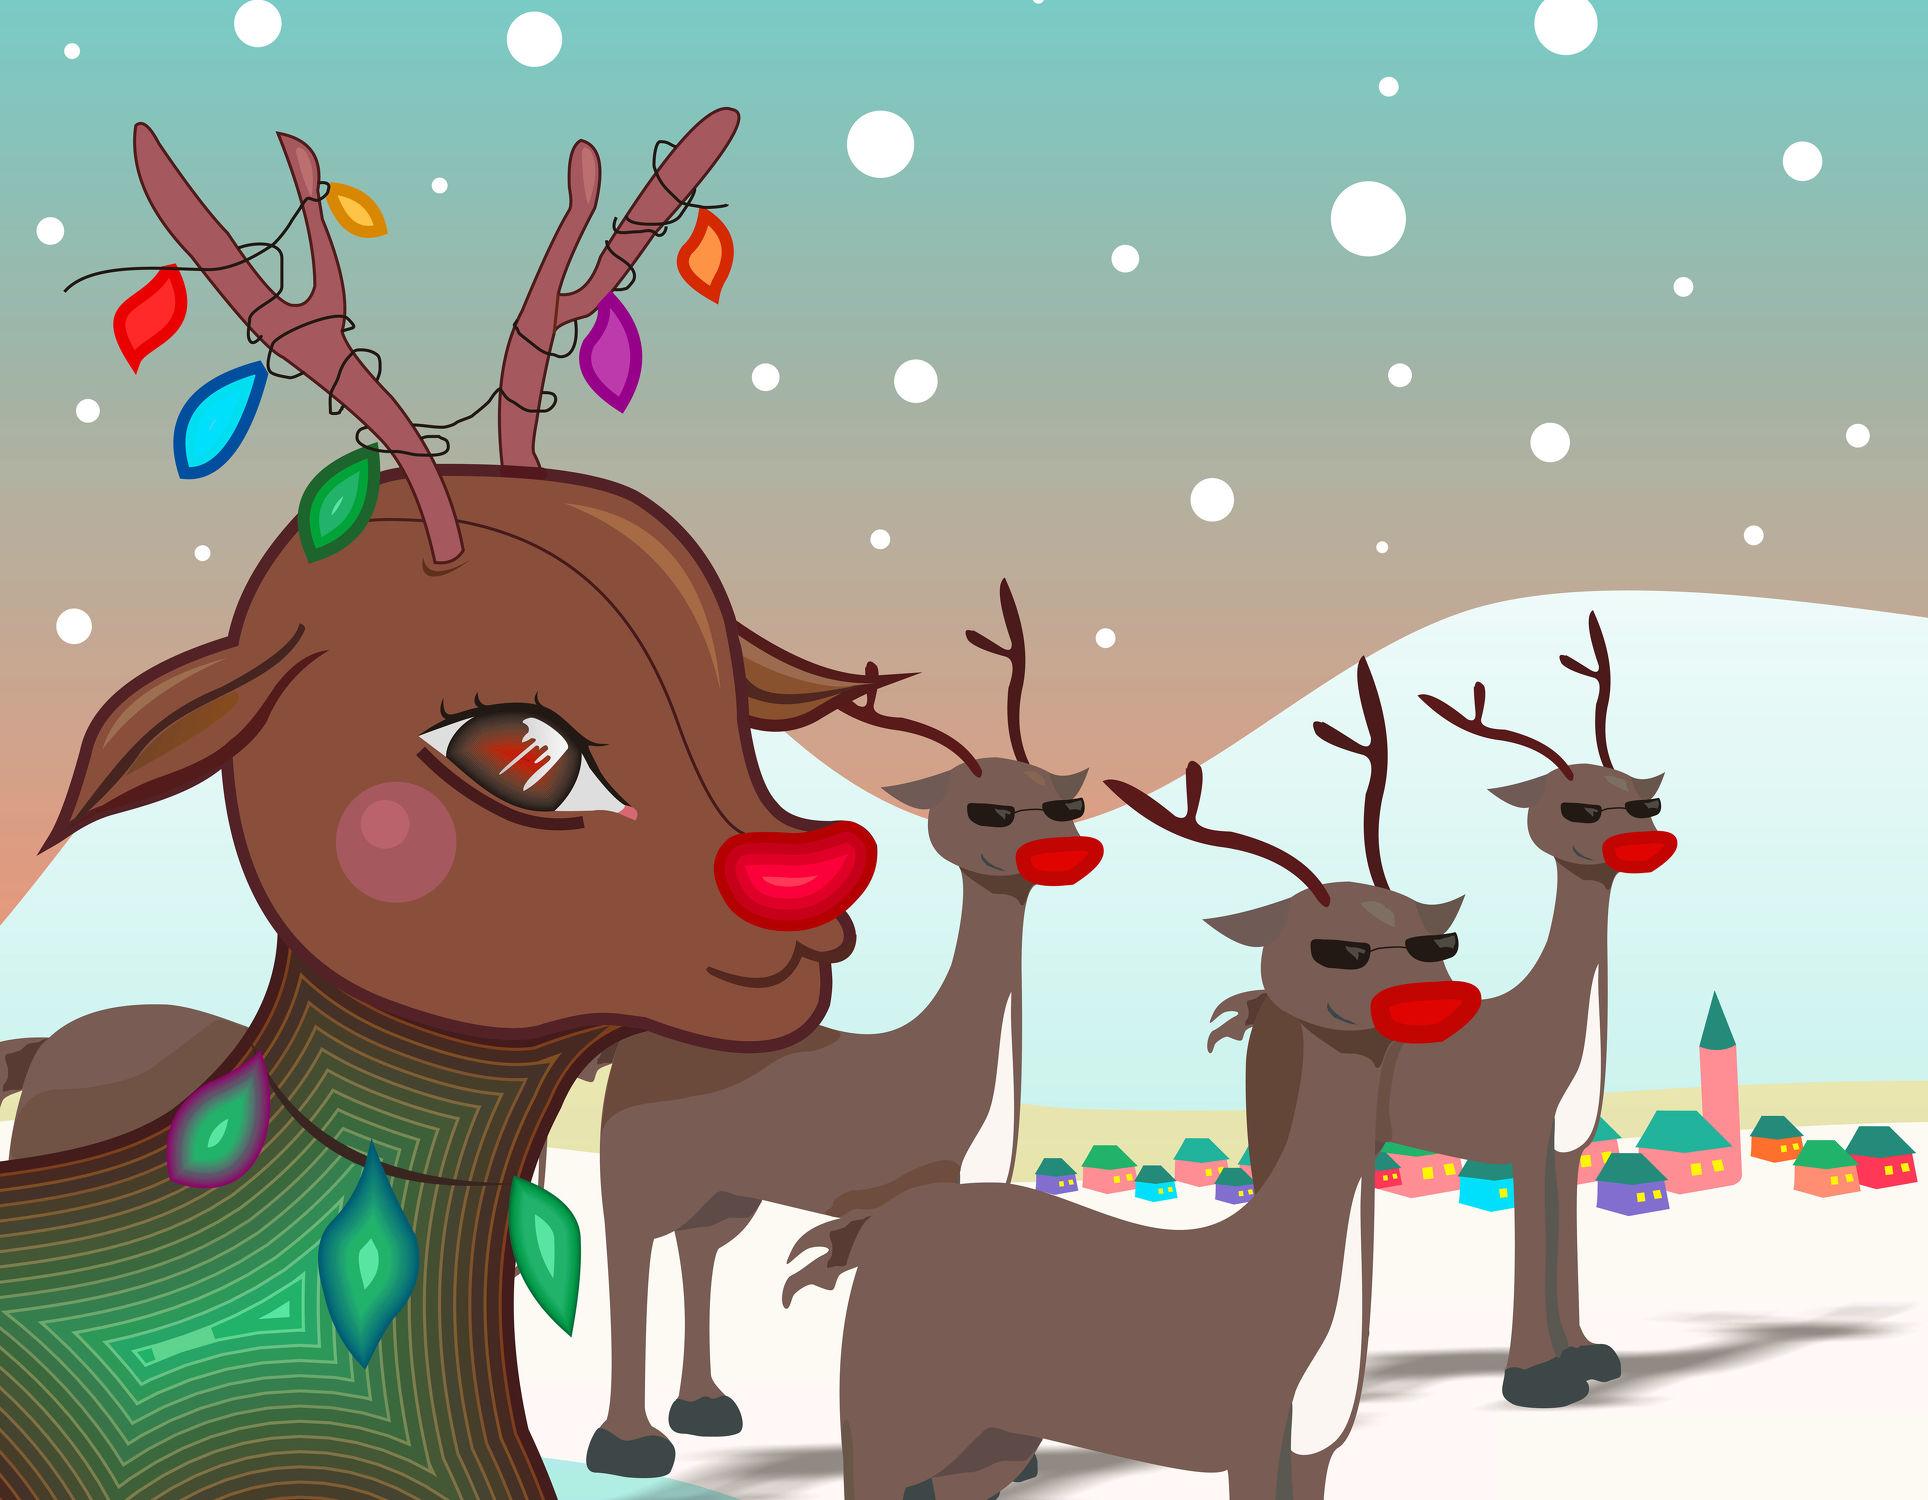 Bild mit Tiere, Winter, Schnee, Tier, Kinderbild, Kinderbilder, Kinderzimmer, Kinderwelt, Kinder, Kind, Weihnachten, xmas, Christmas, Renntier, Renntiere